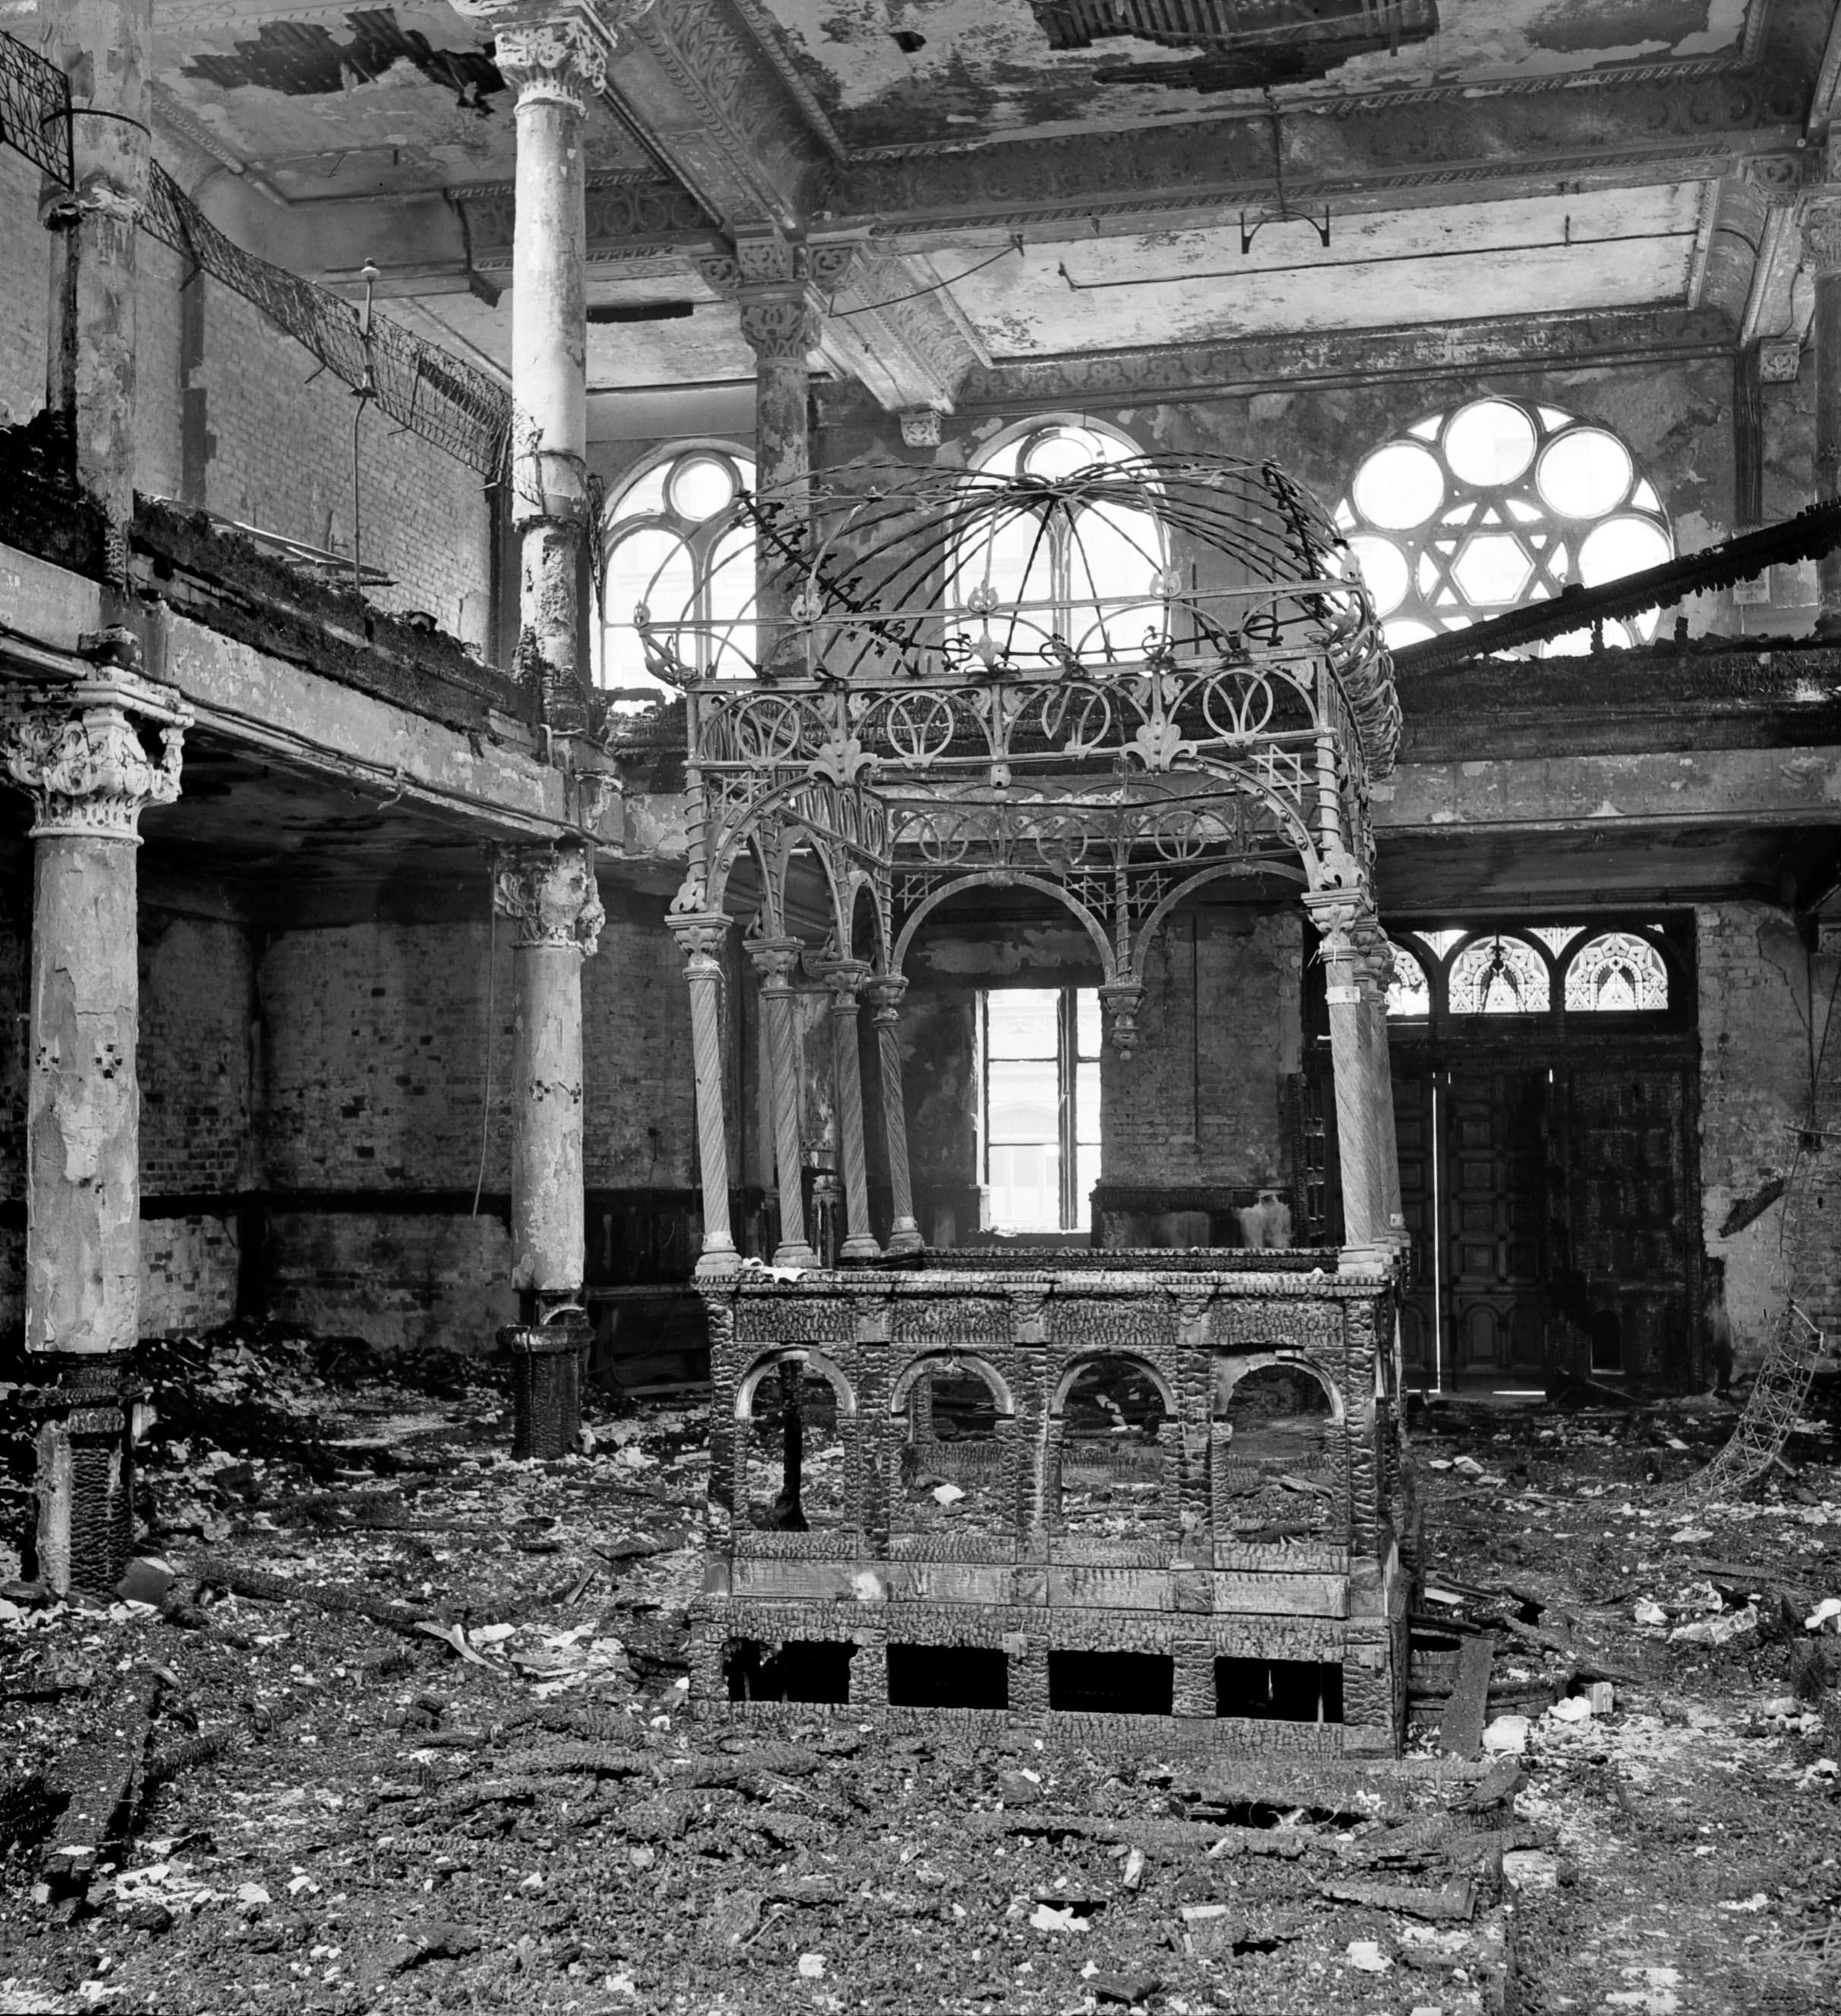 Synagoge in der Essenweinstraße nach der Zerstörung in der Pogromnacht 9./10.11.1938, Foto Hochbauamt, November 1938. (Stadtarchiv Nürnberg A 39/I Nr. 75-N)